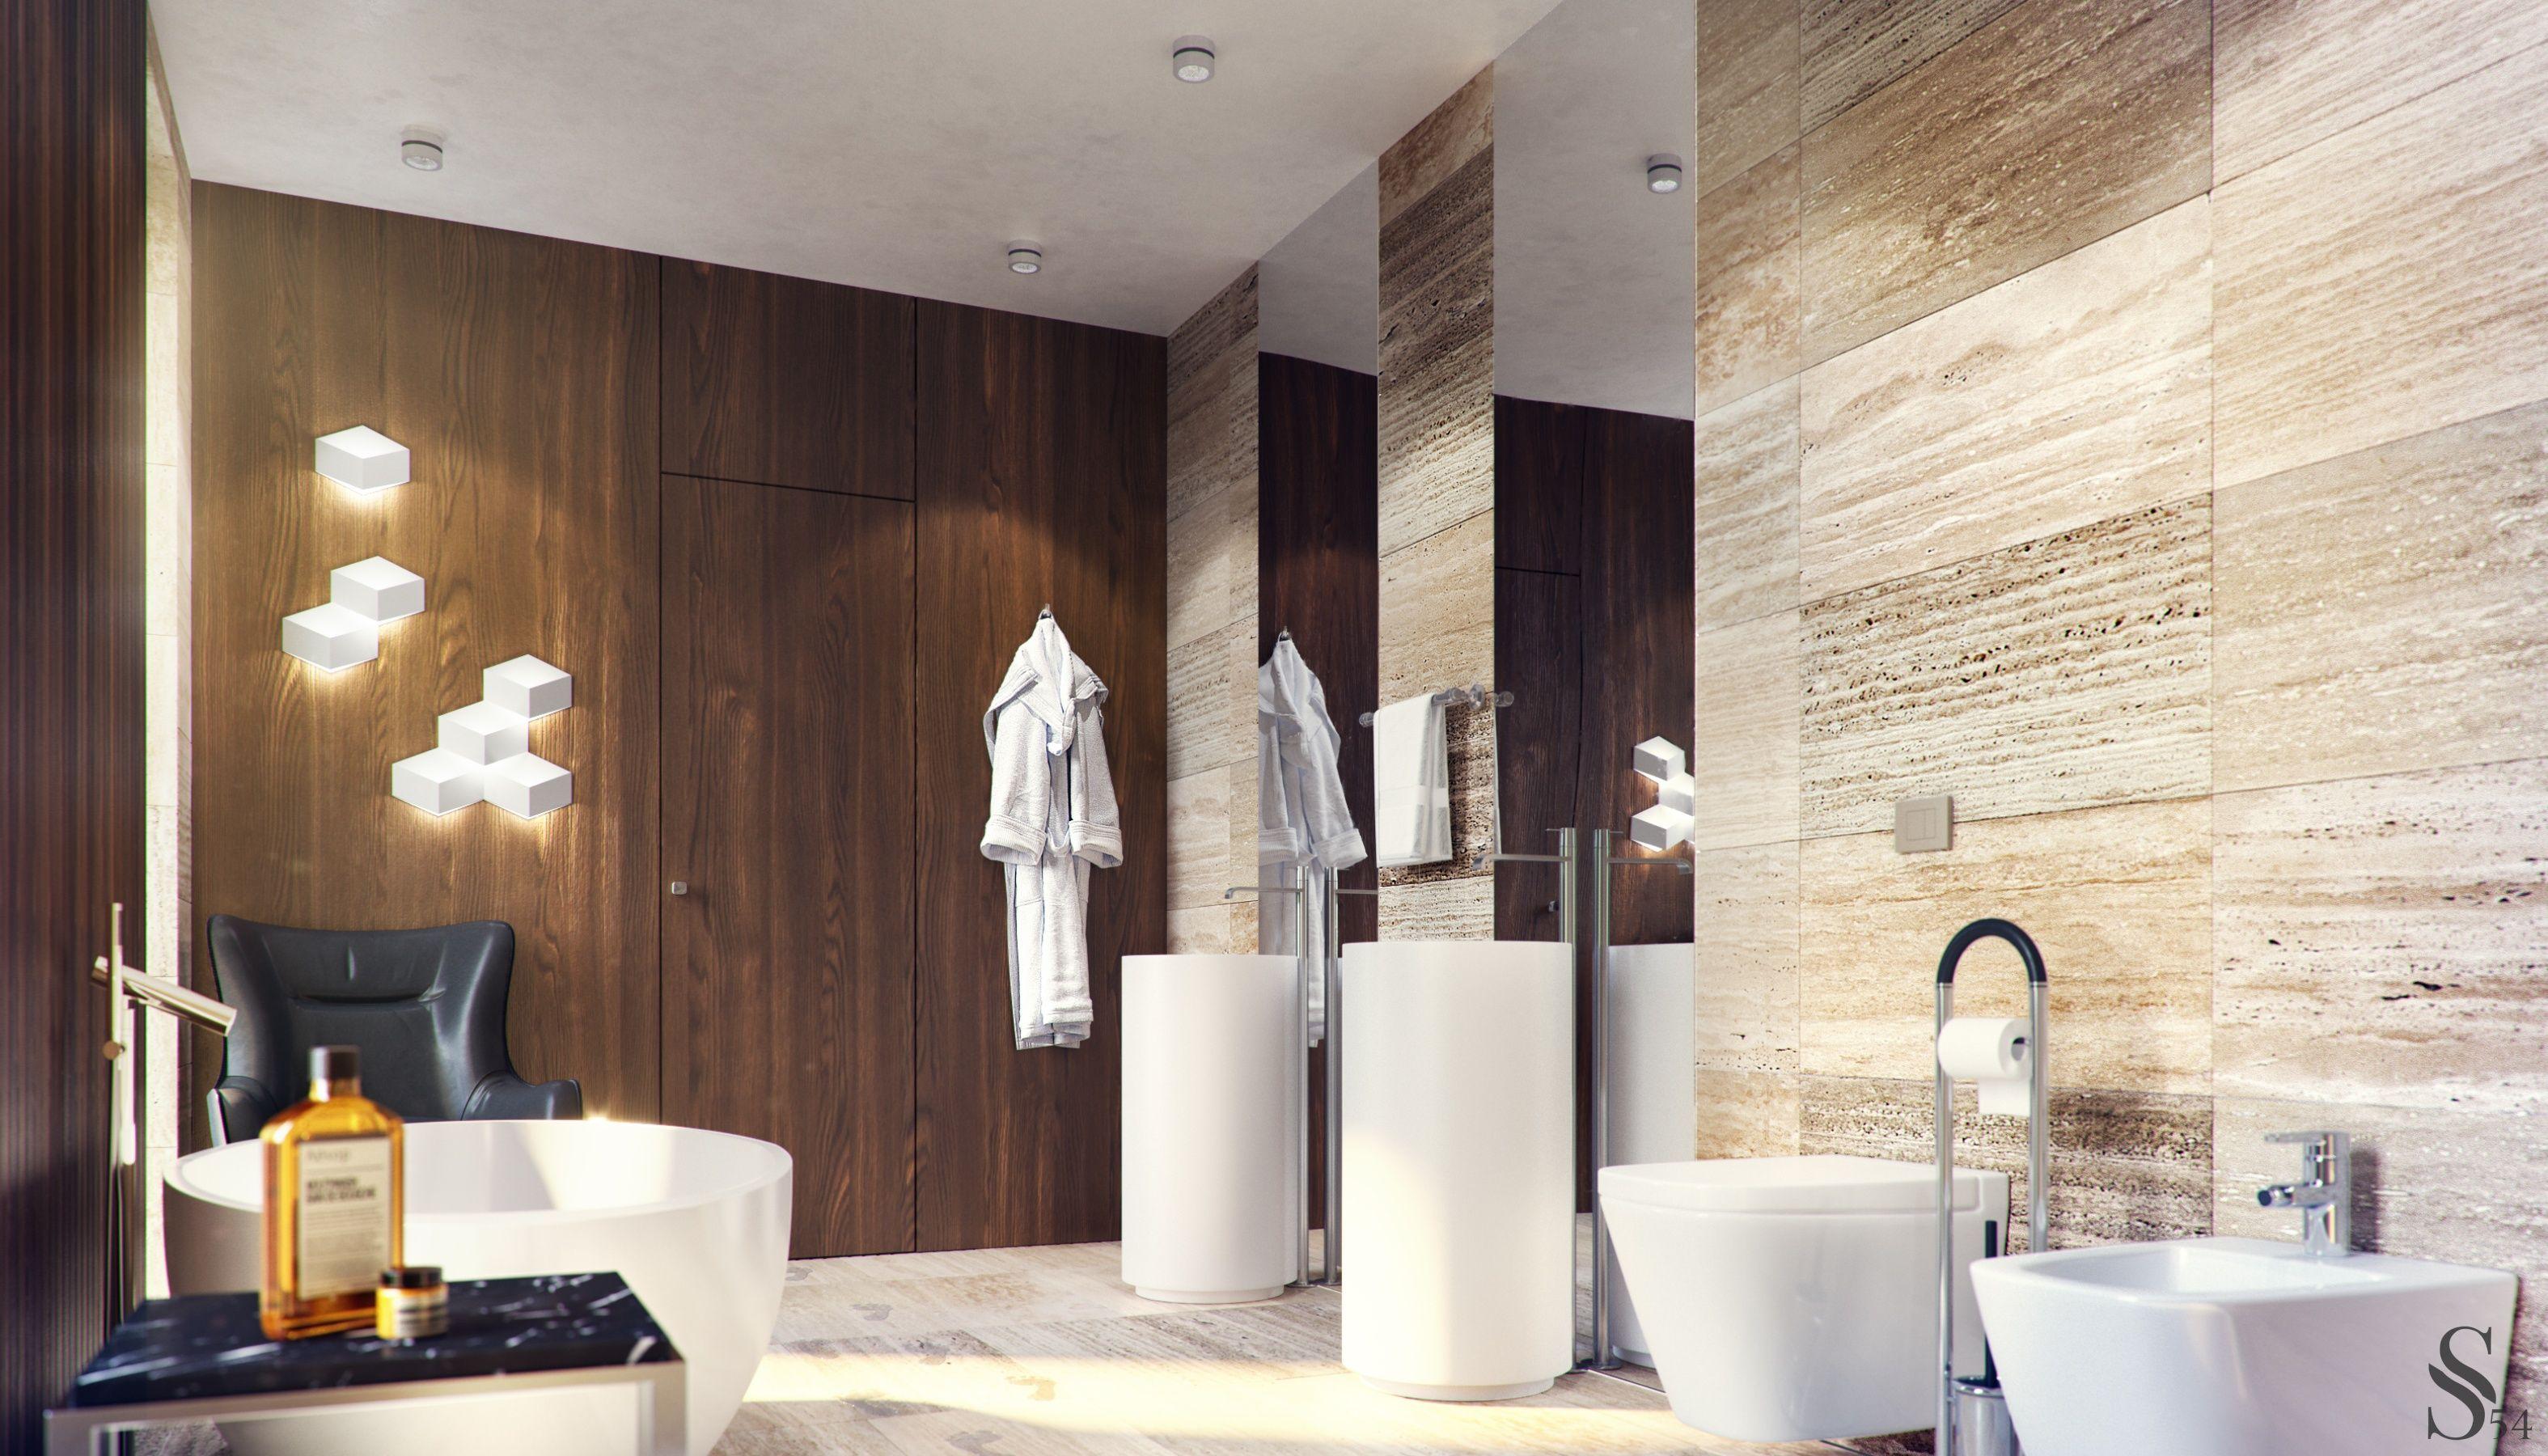 ванная комната Bathroom, Shower fixtures, Bathroom mirror